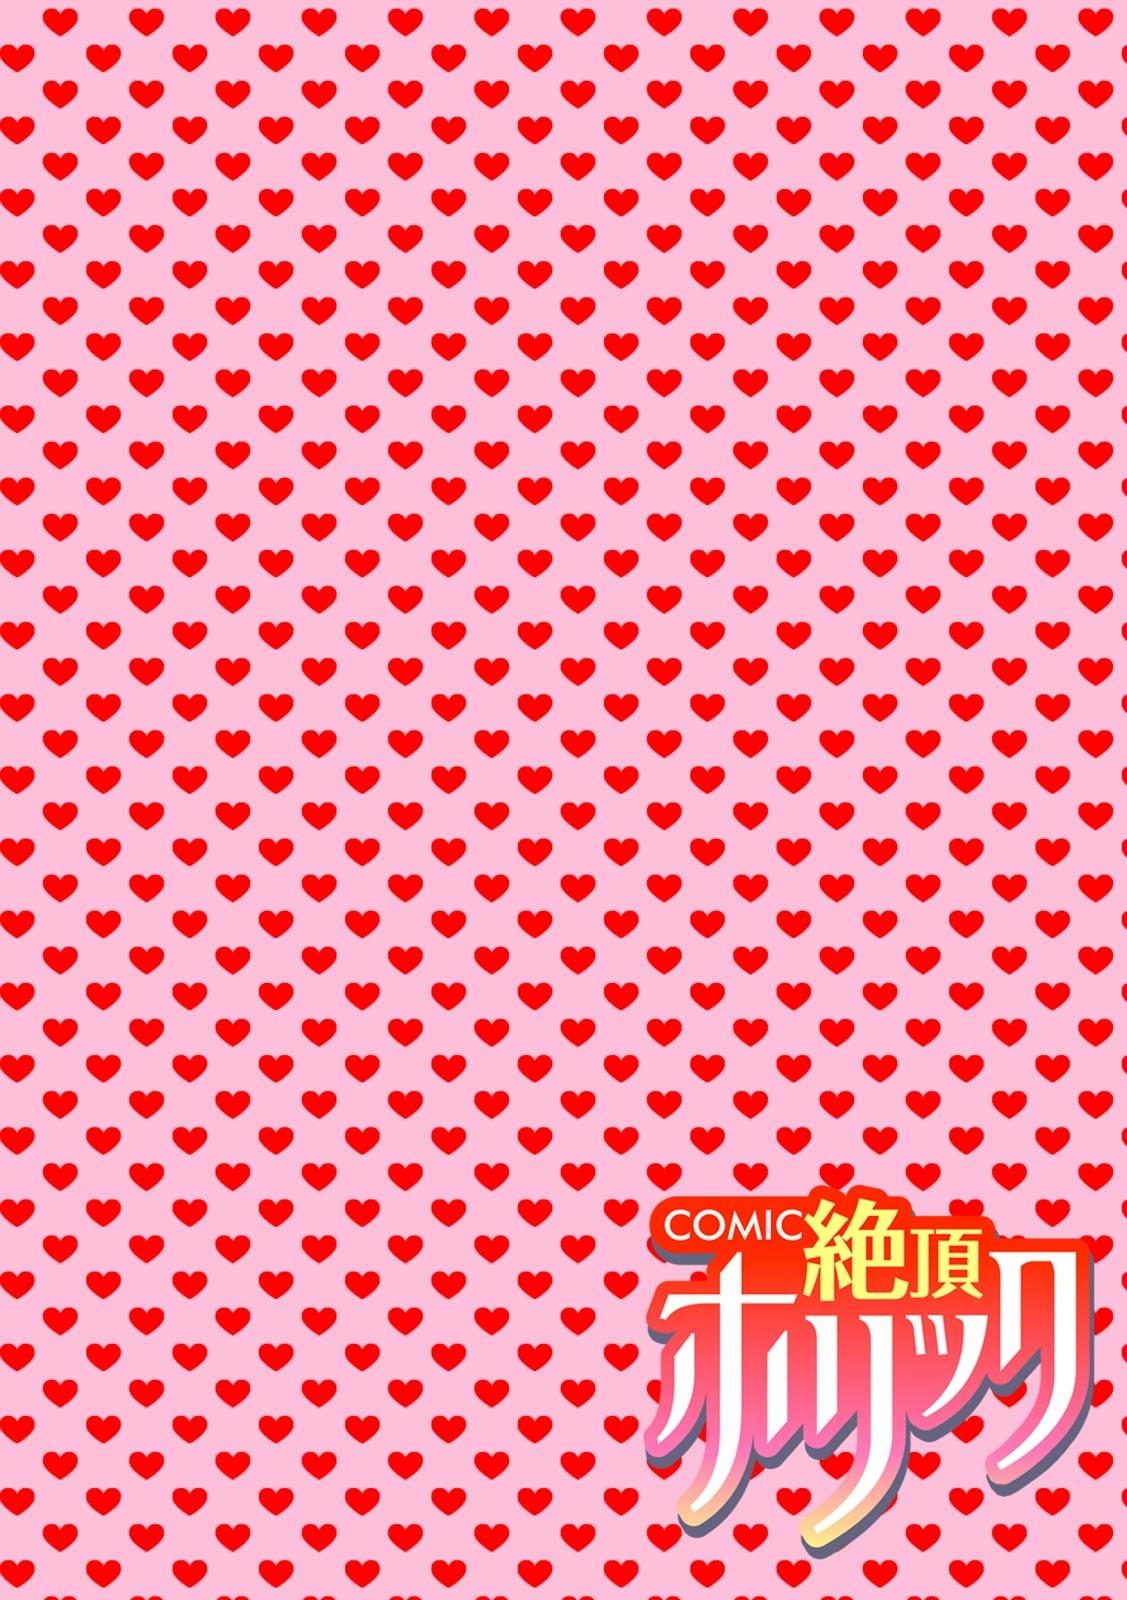 COMIC絶頂ホリック vol.32